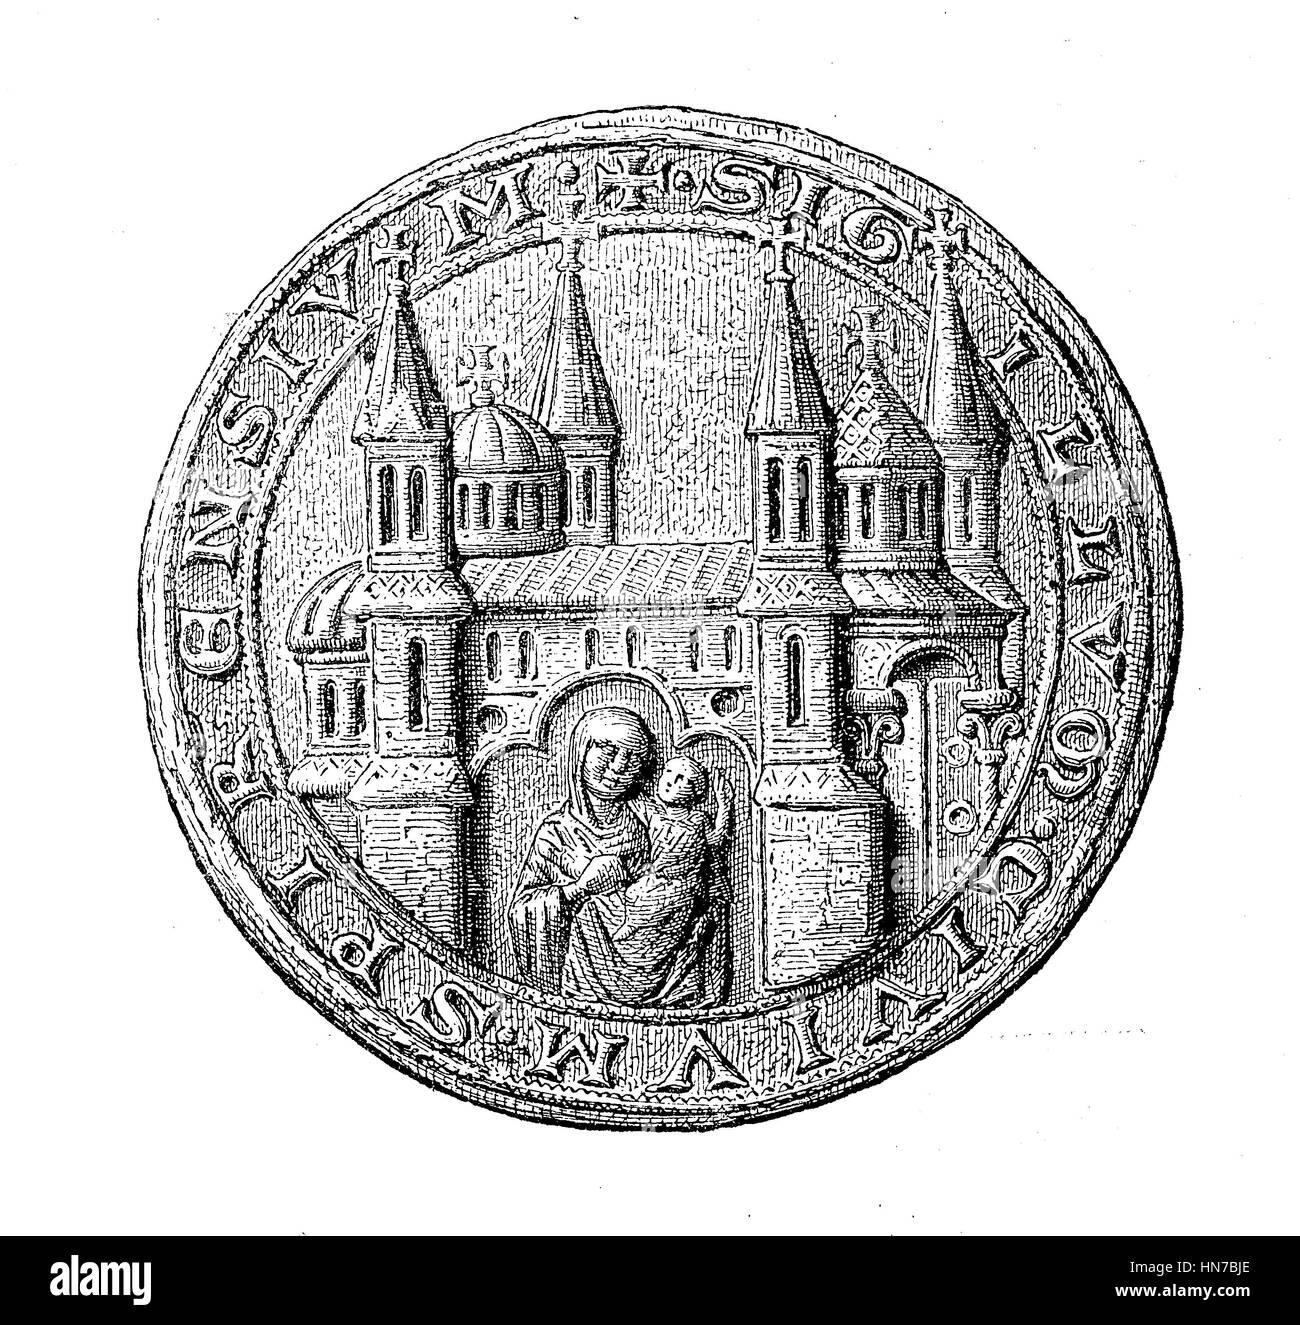 Mittelalterliche Stadt Siegel aus dem 13. bis 15. Jahrhundert hier Speyer, Deutschland, Mittelalterliches Stadtsiegel Stockbild